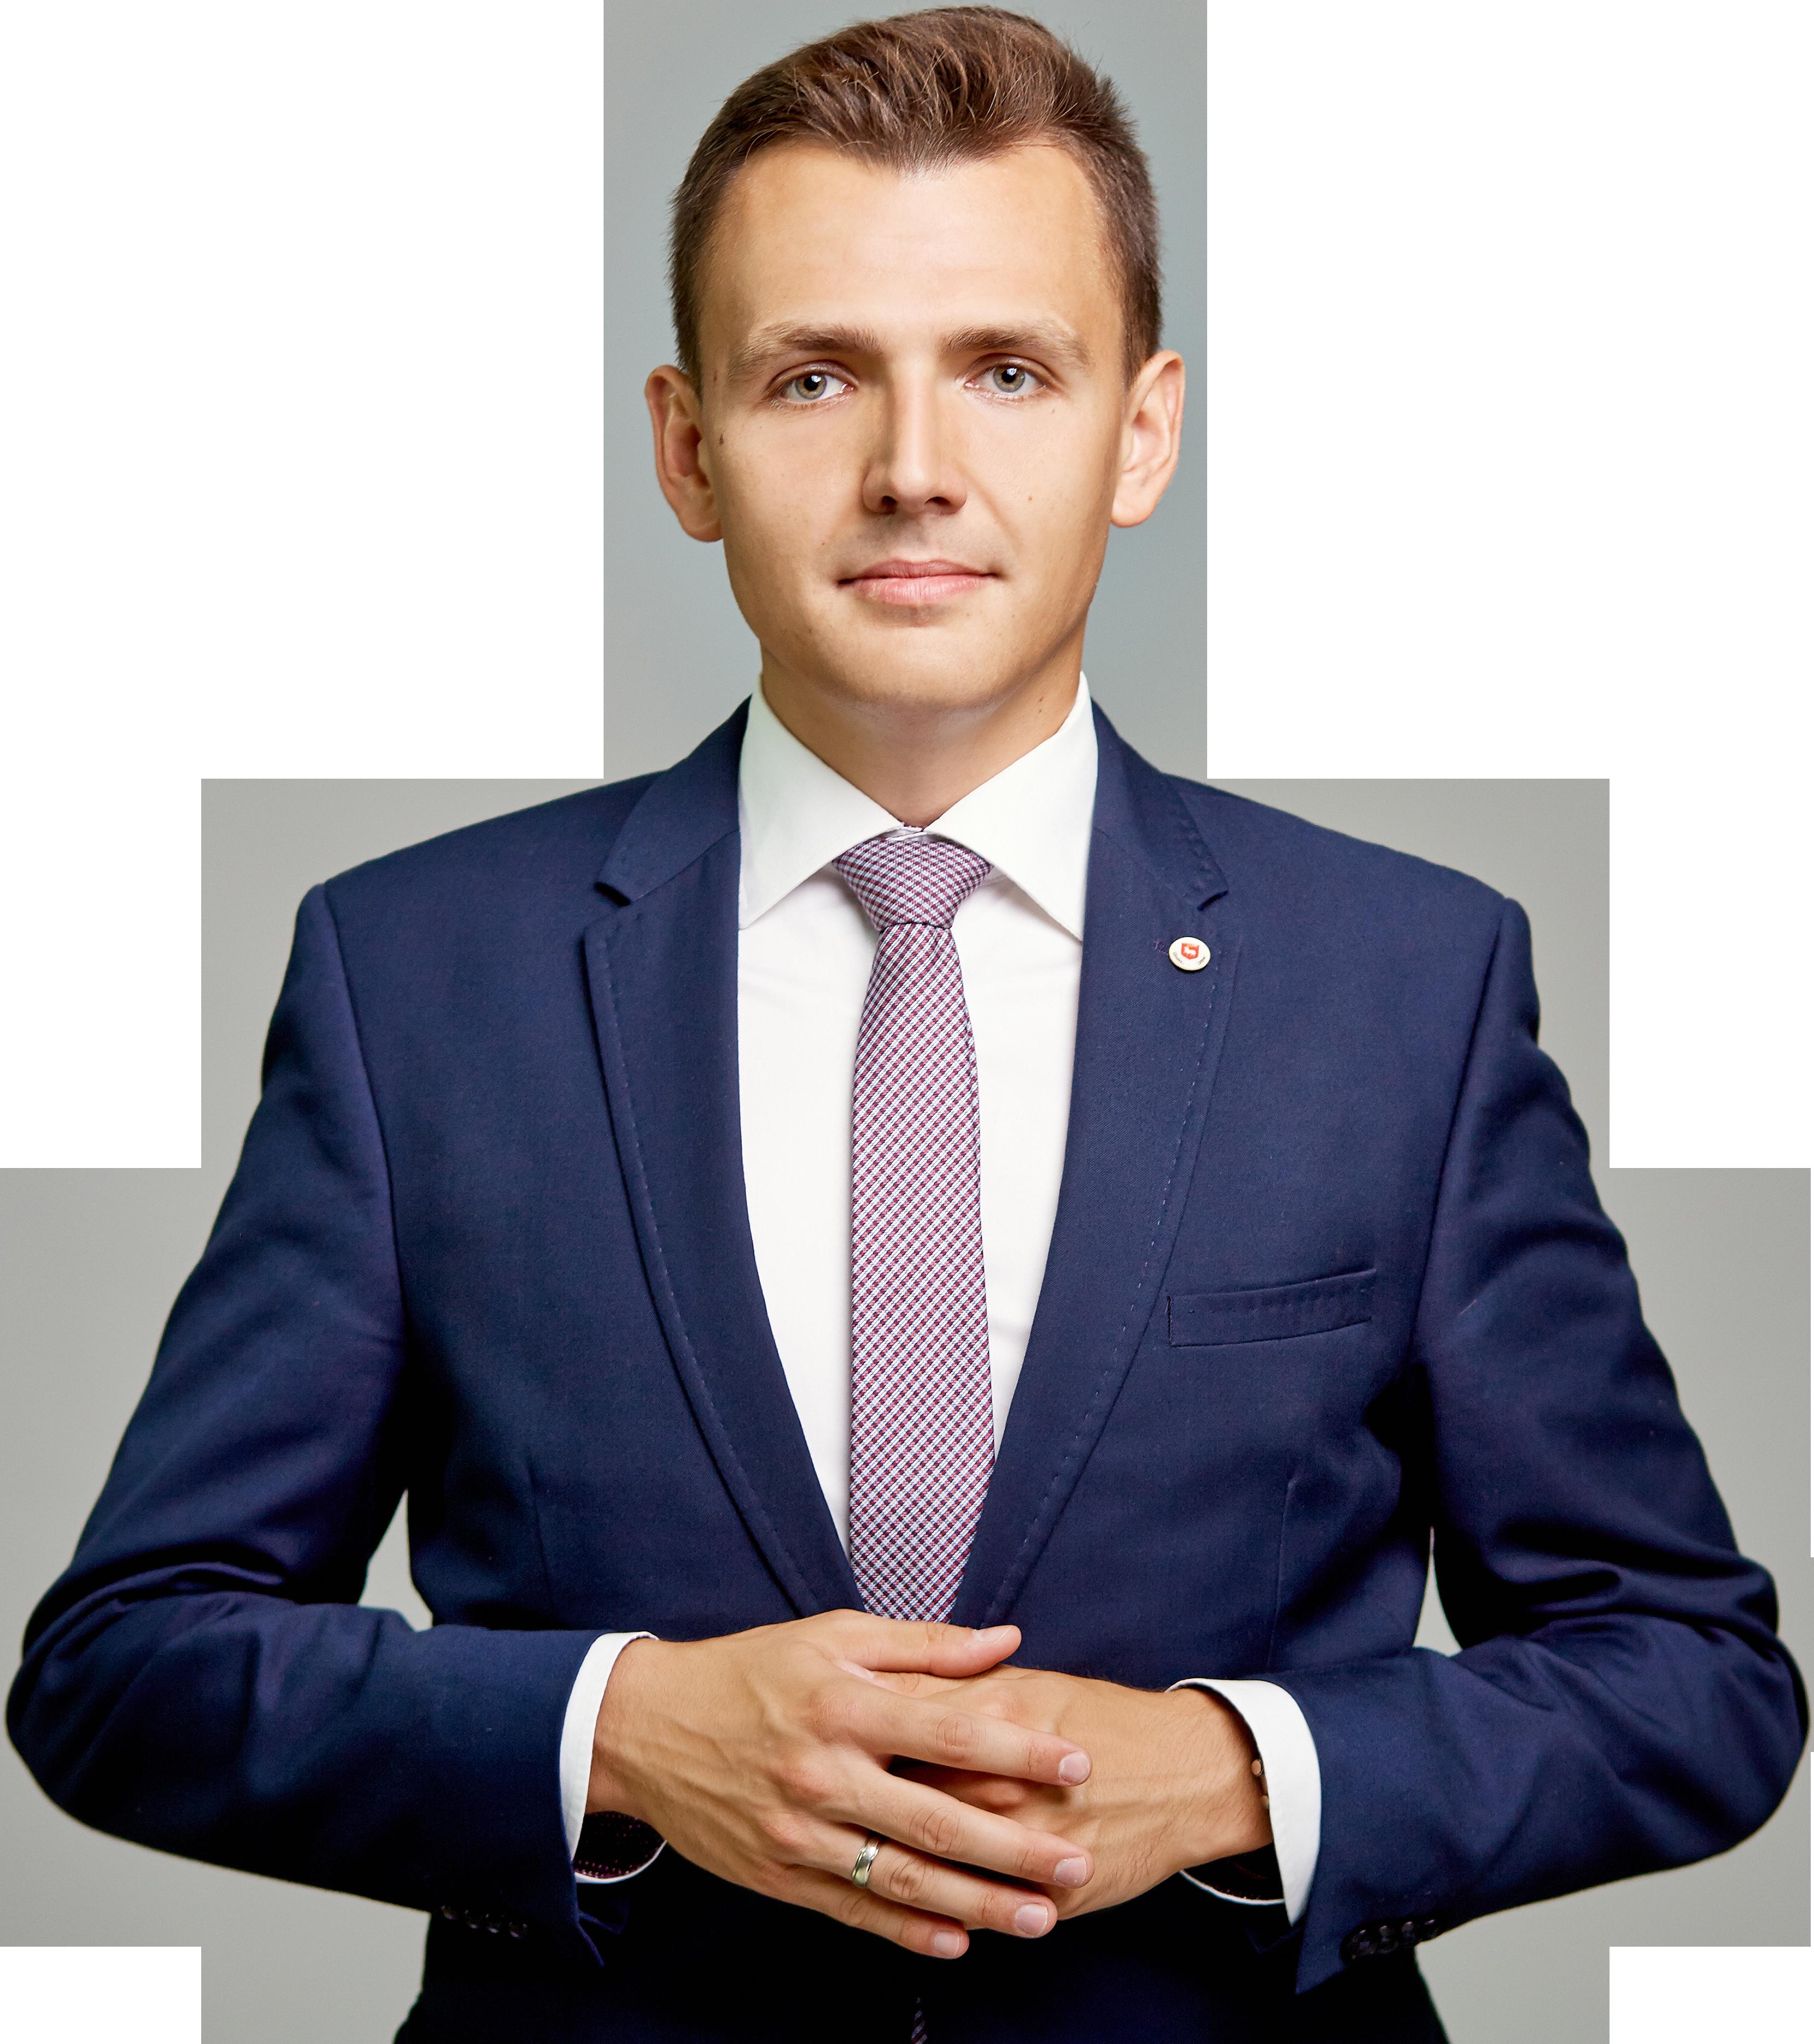 Zdjęcie Burmistrza Miasta i Gminy Karczew